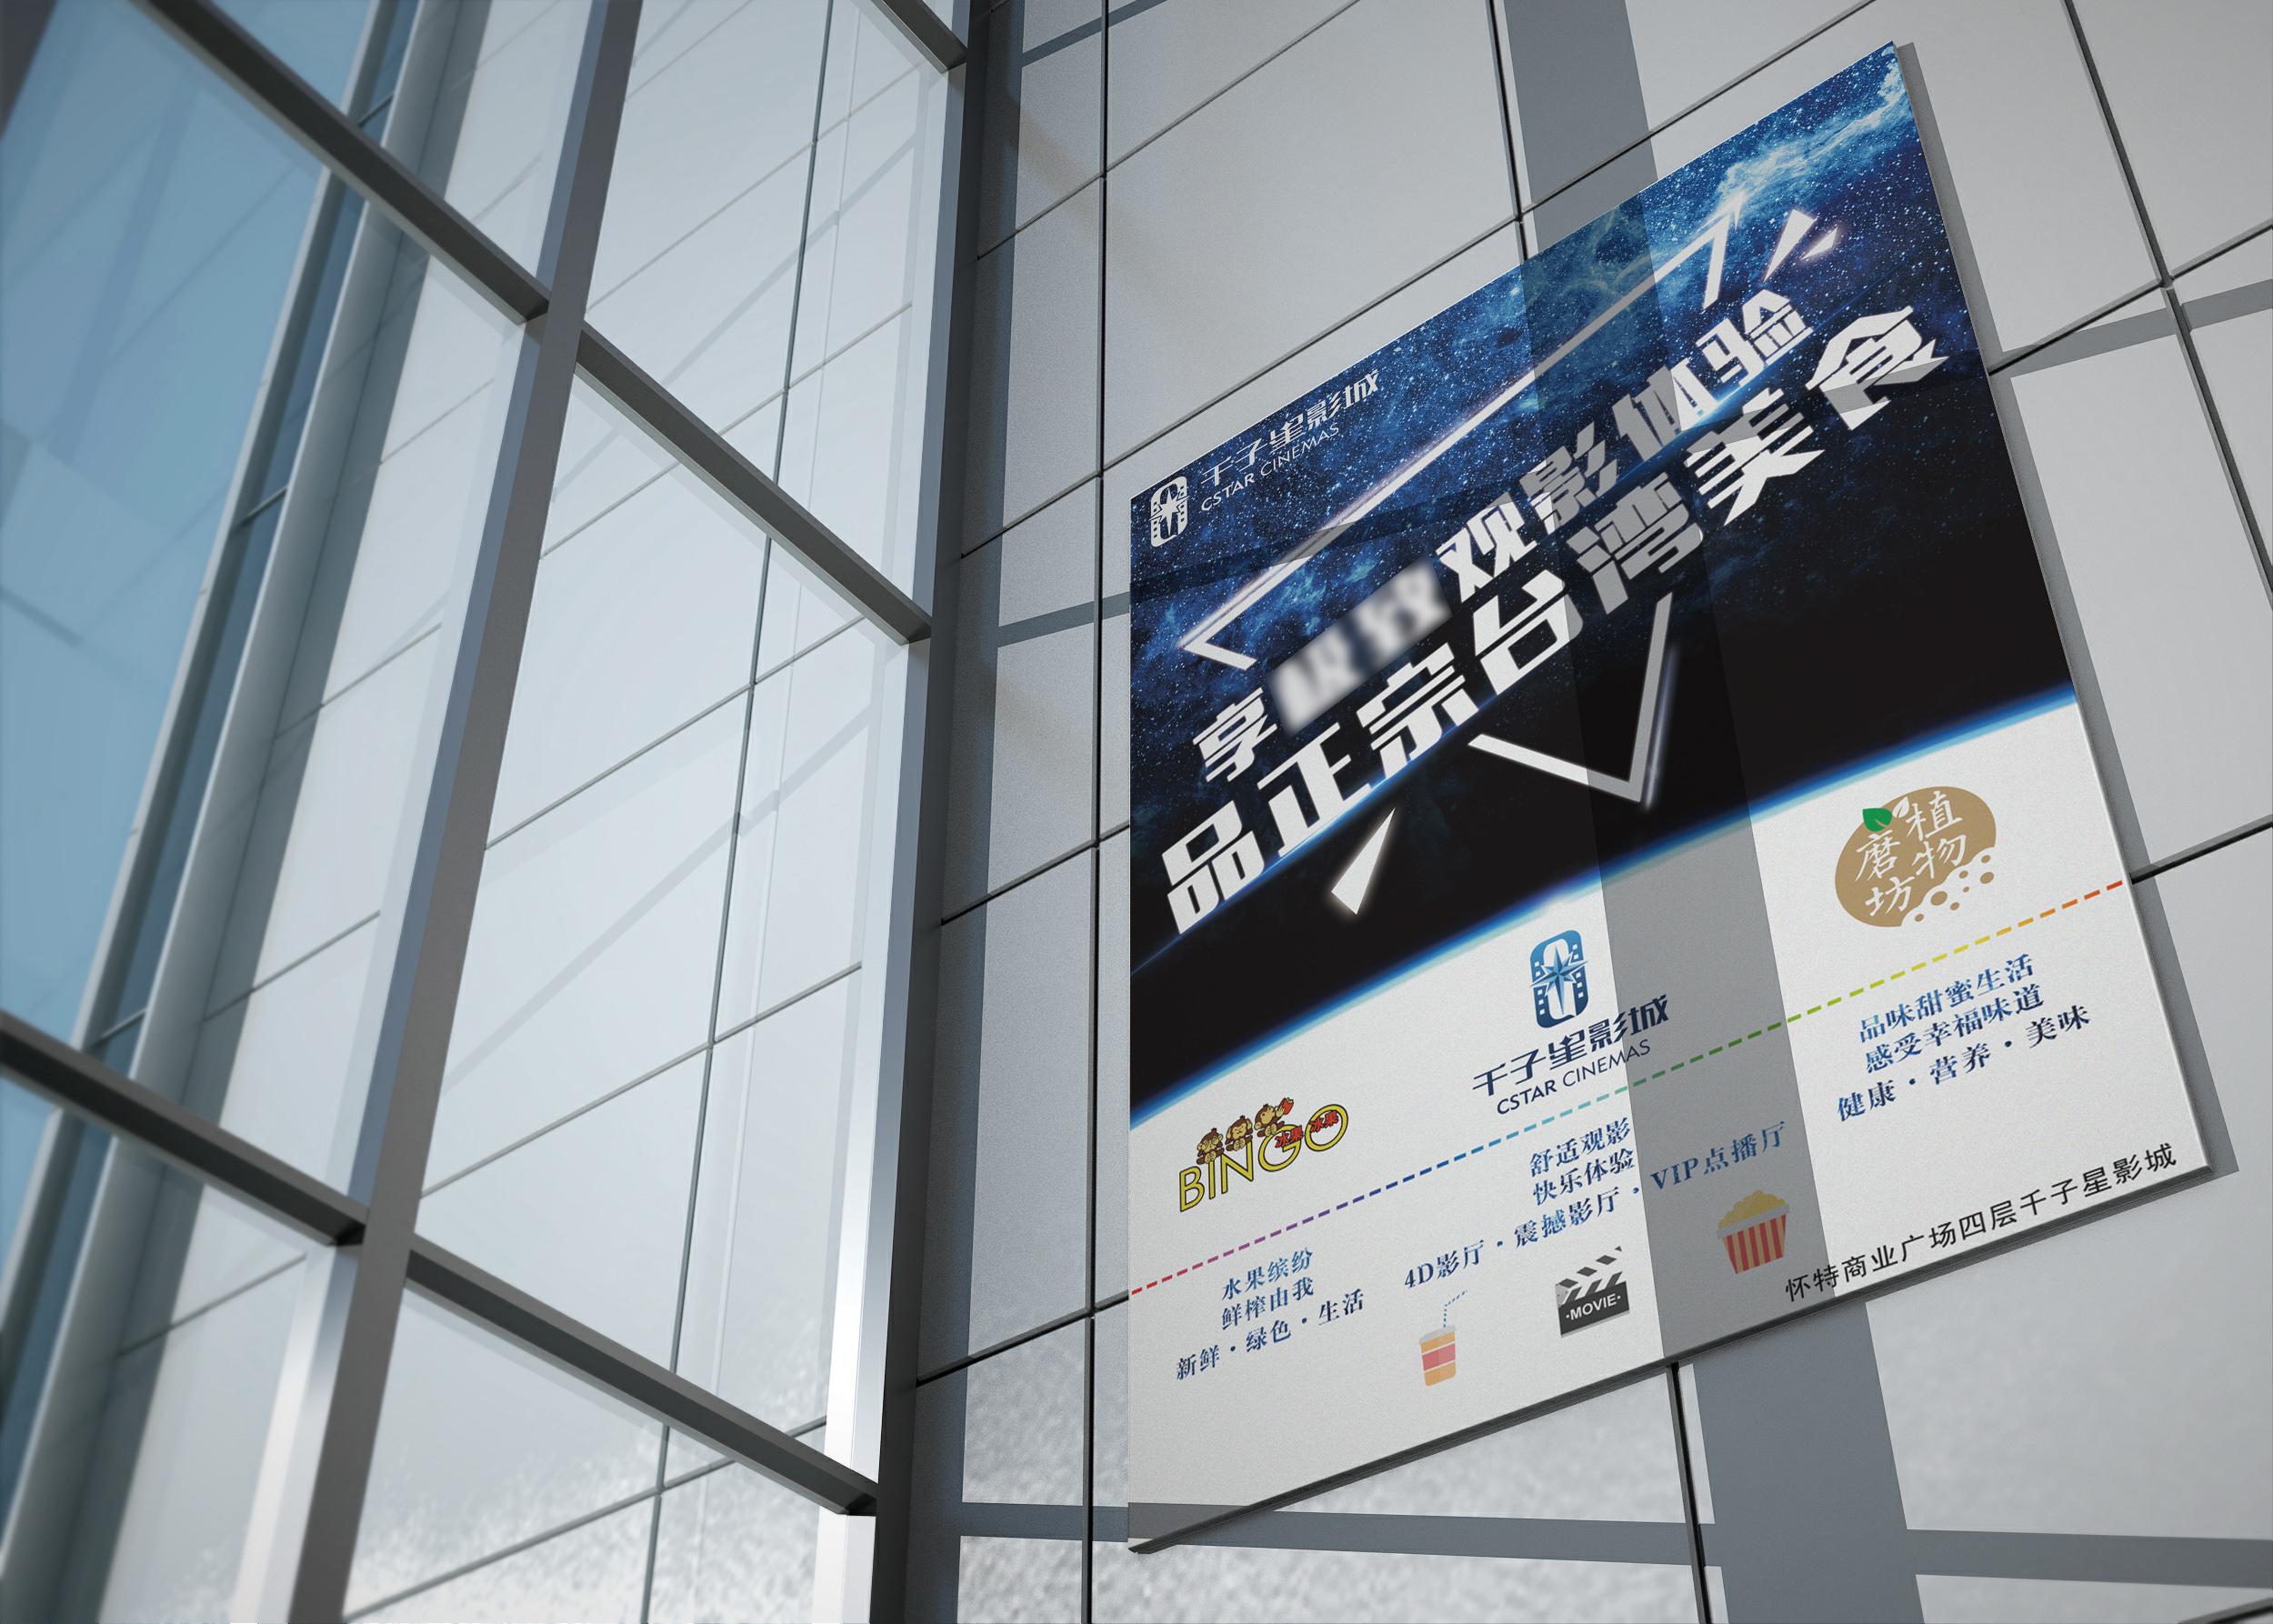 户外广告设计大型灯箱射灯广告牌电子屏场地悬挂广告宣传海报设计